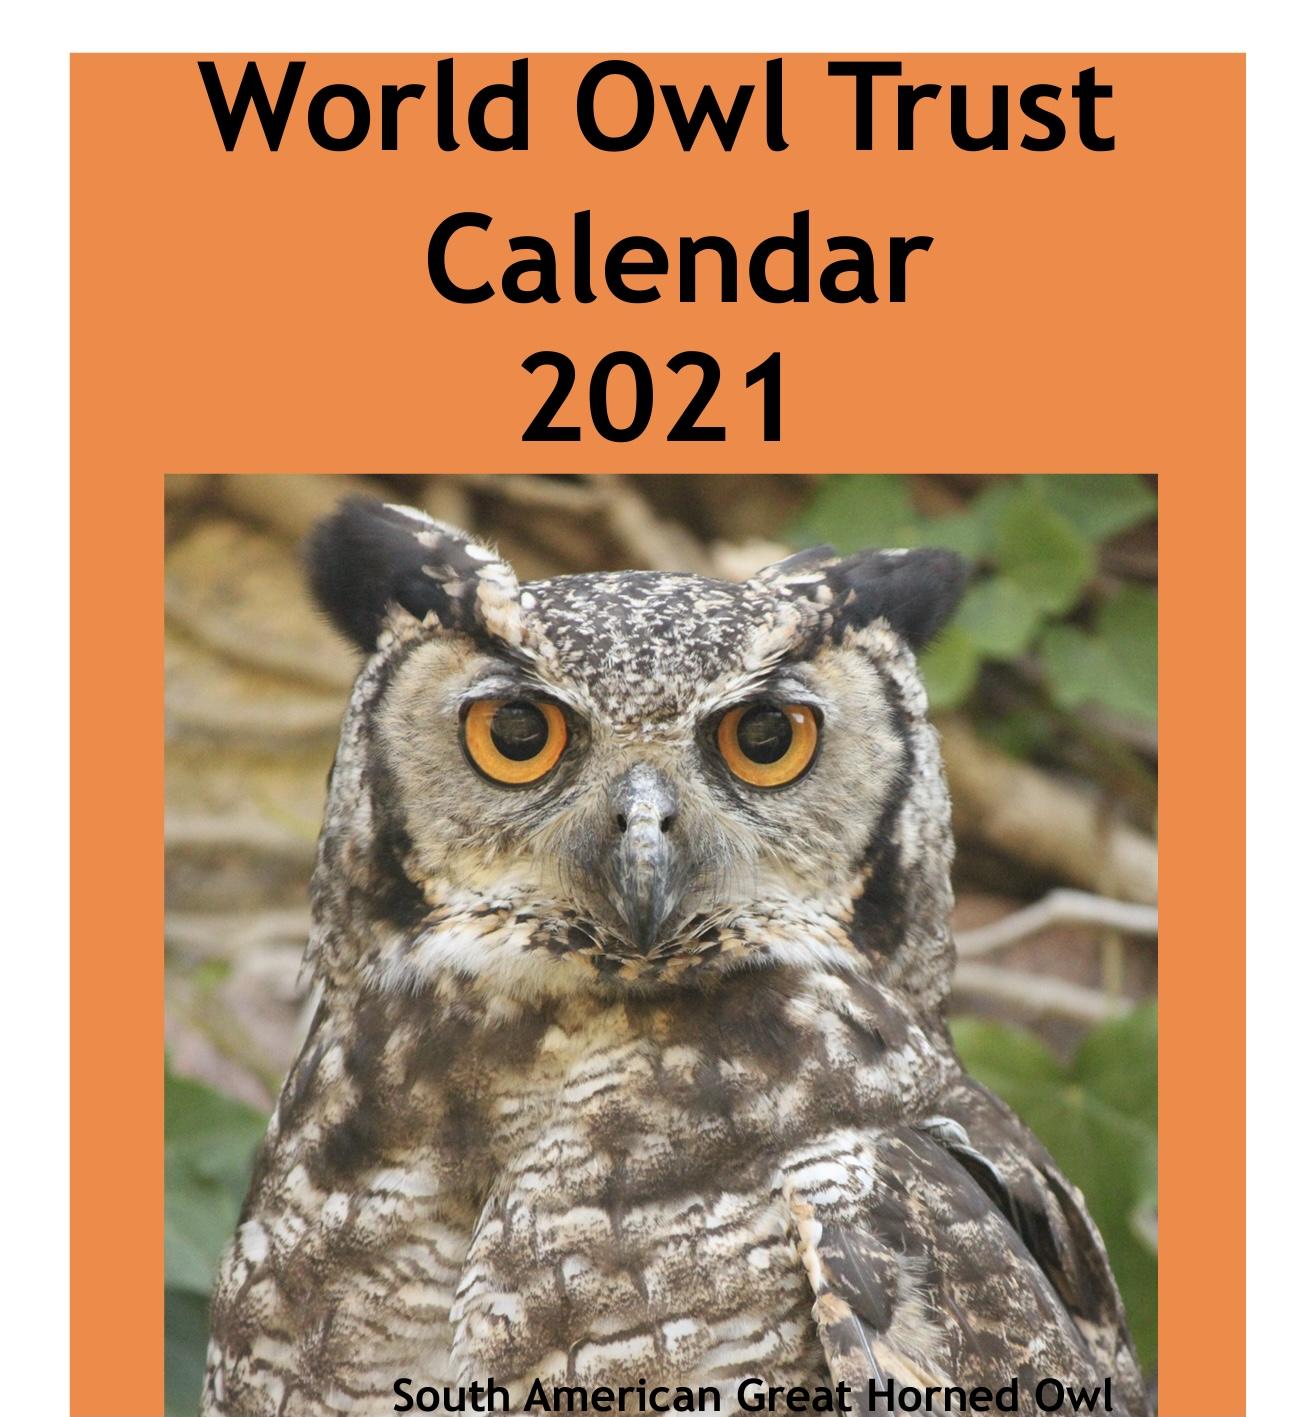 2021 WOT Calendar